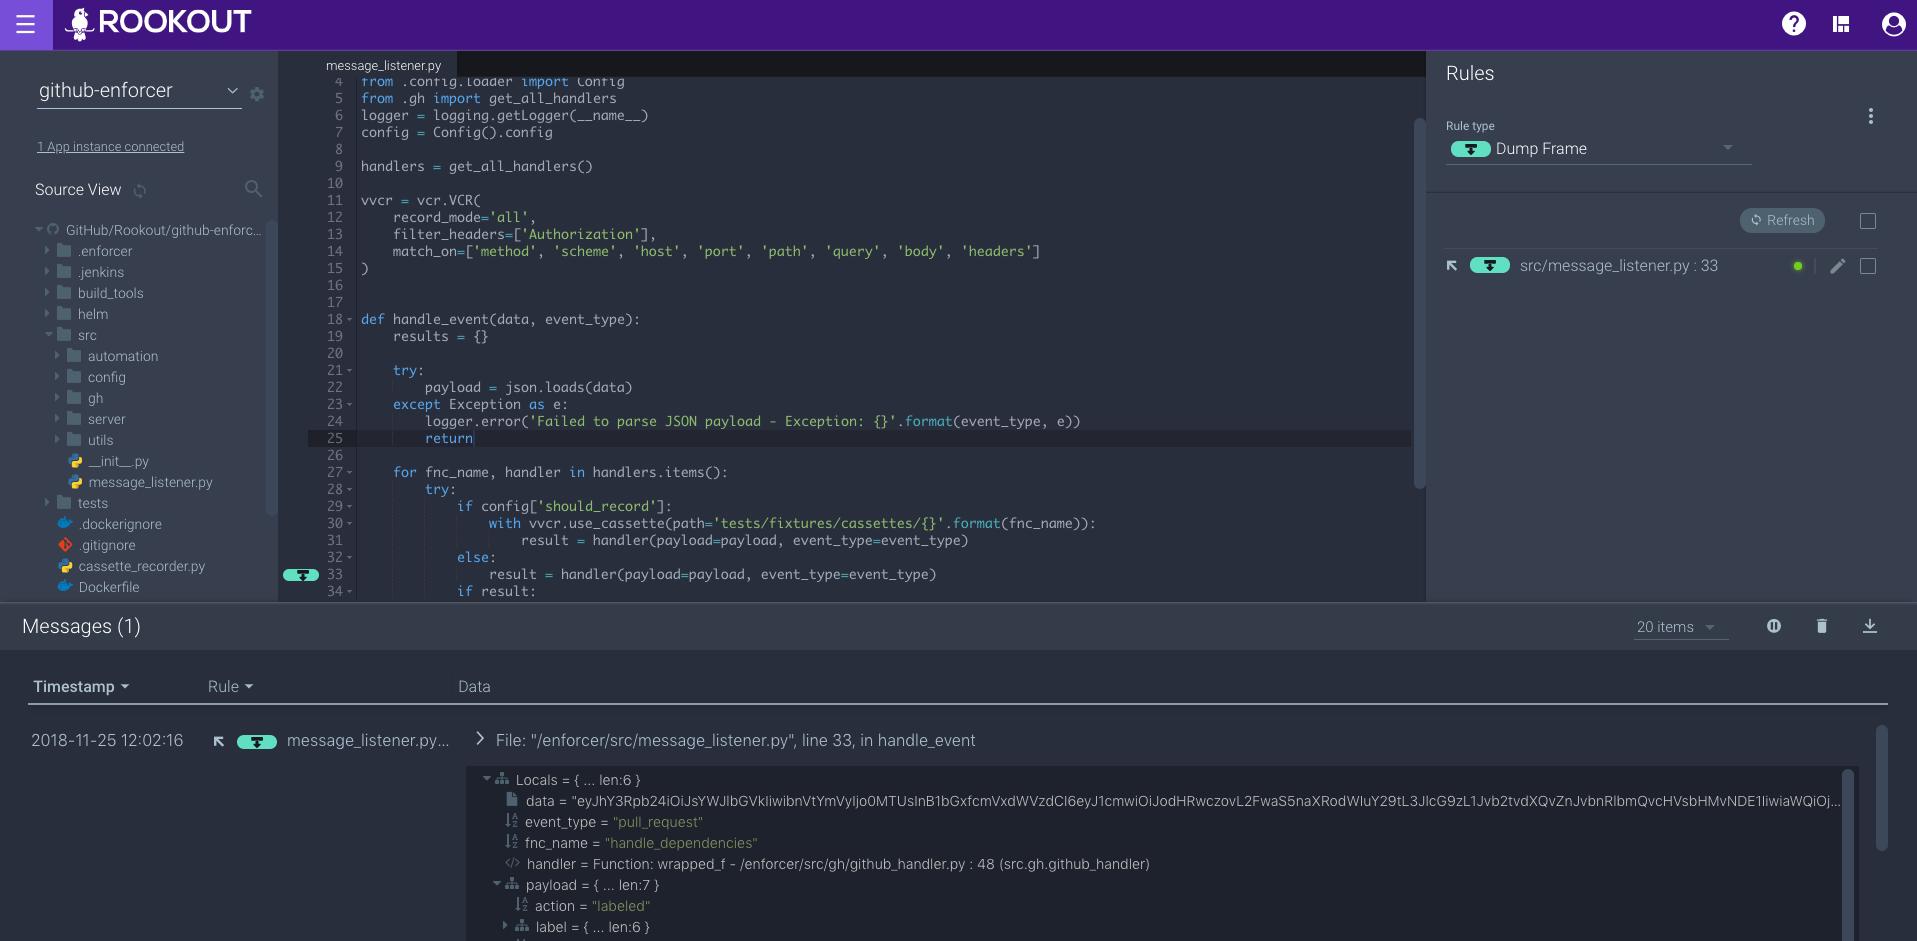 Rookout GitHub enforcer debugging